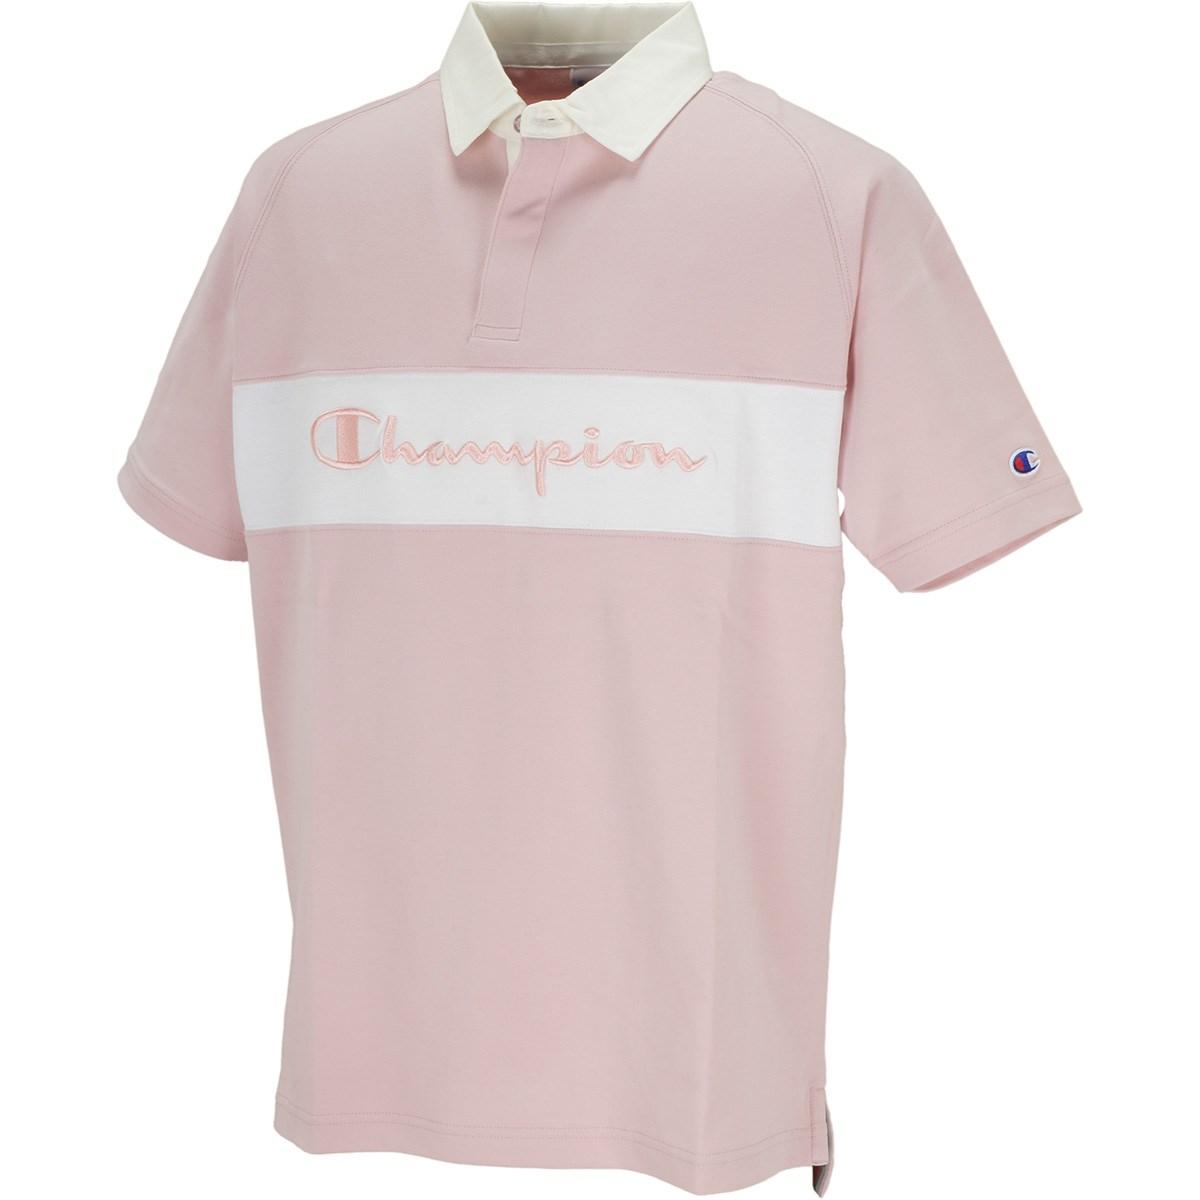 チャンピオンゴルフ Champion GOLF ポンチ 半袖ポロシャツ M ピンク 920